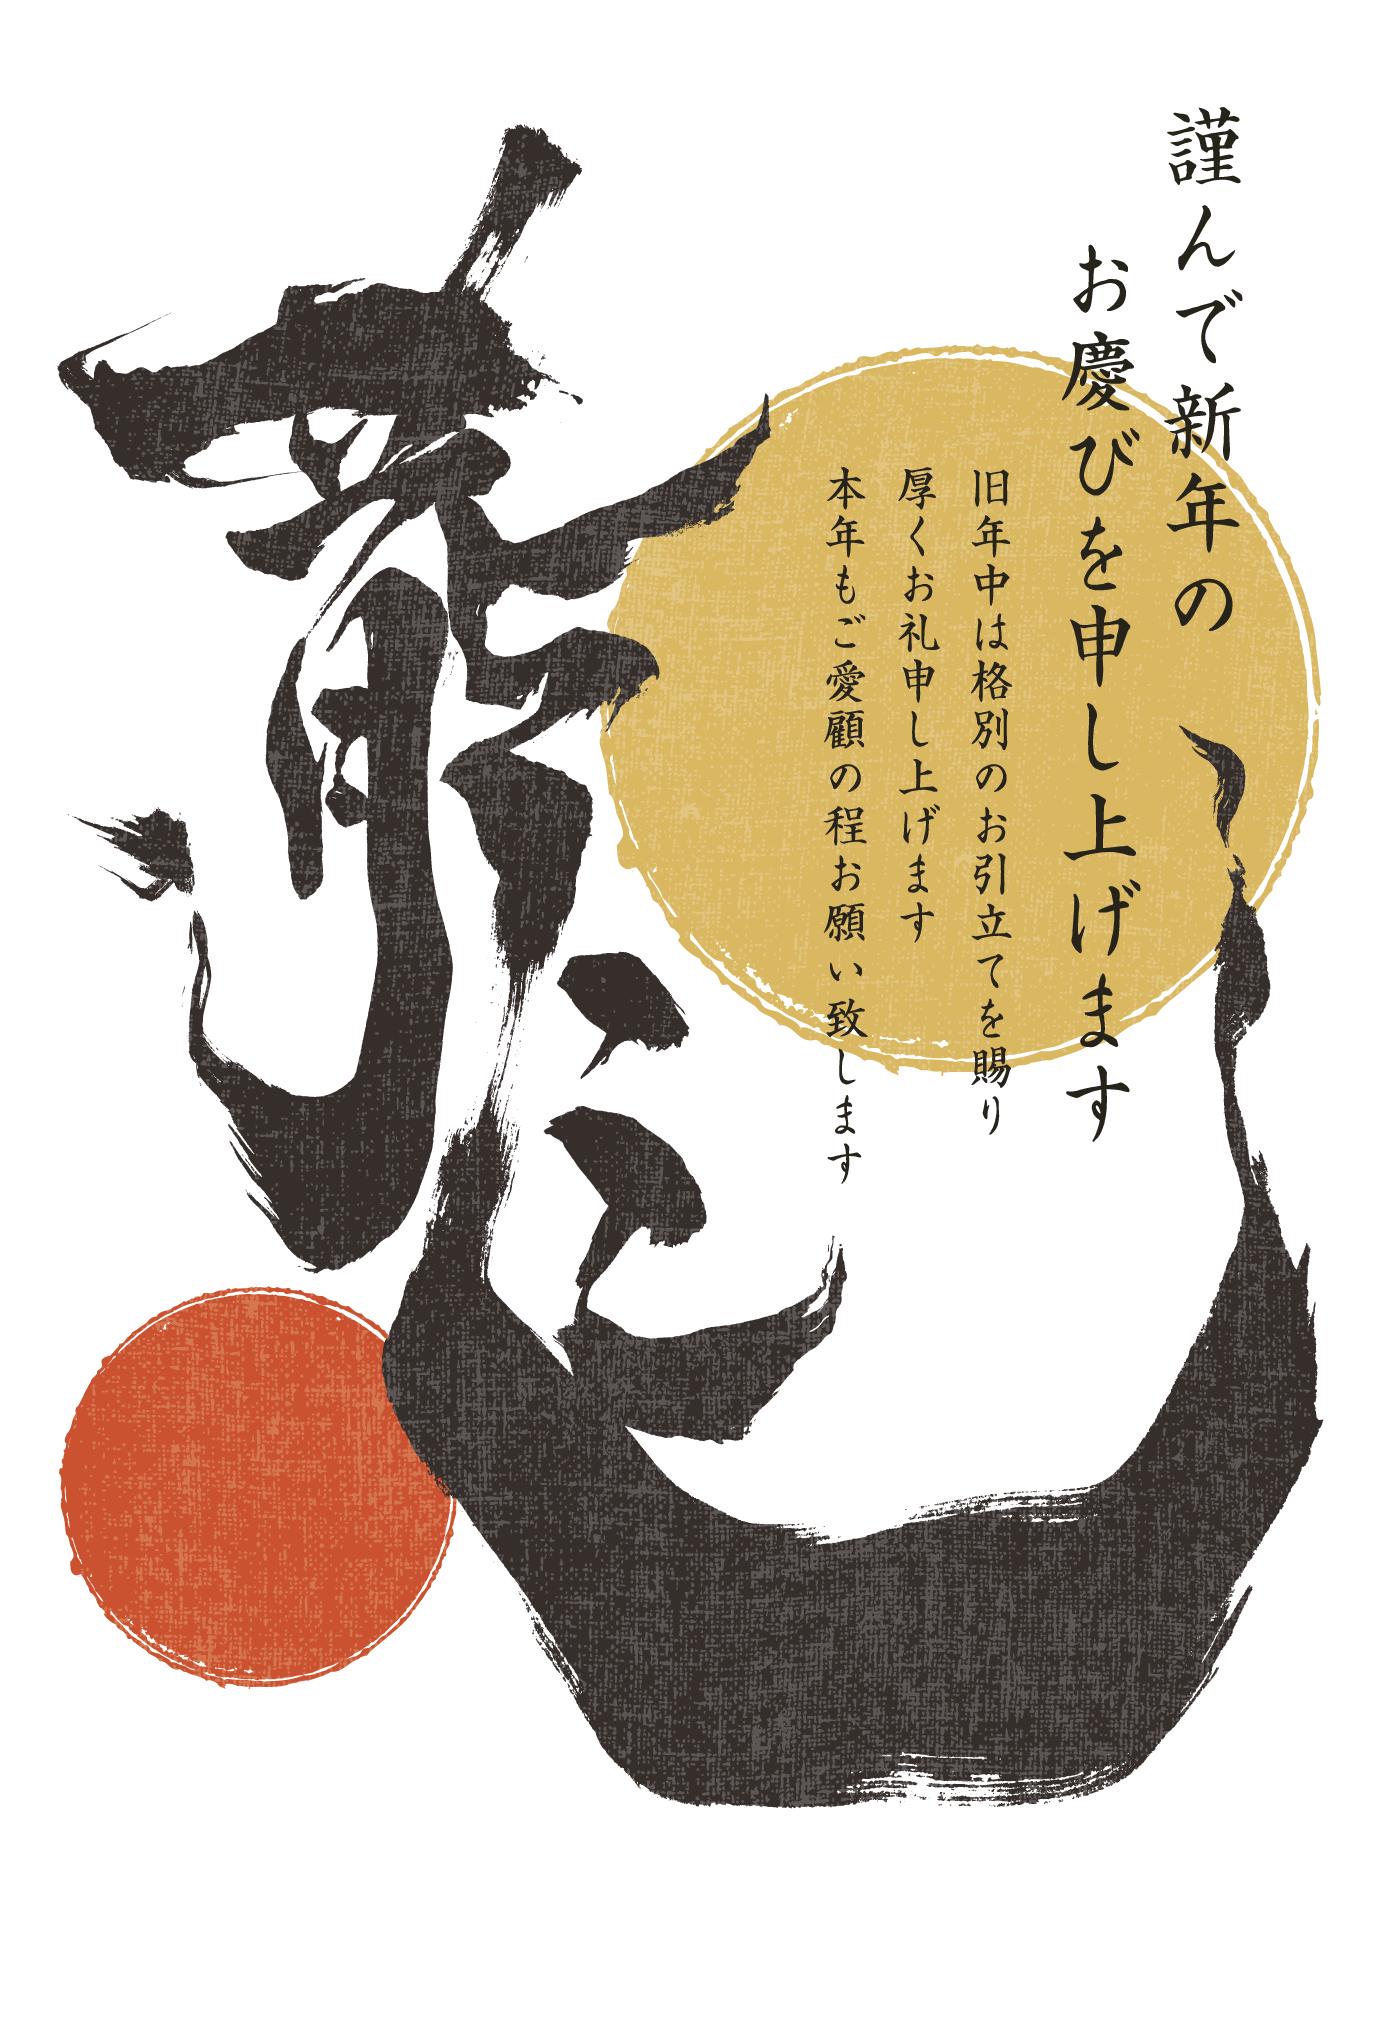 2012年賀状13:龍 Calligraphy(仕事)のダウンロード画像